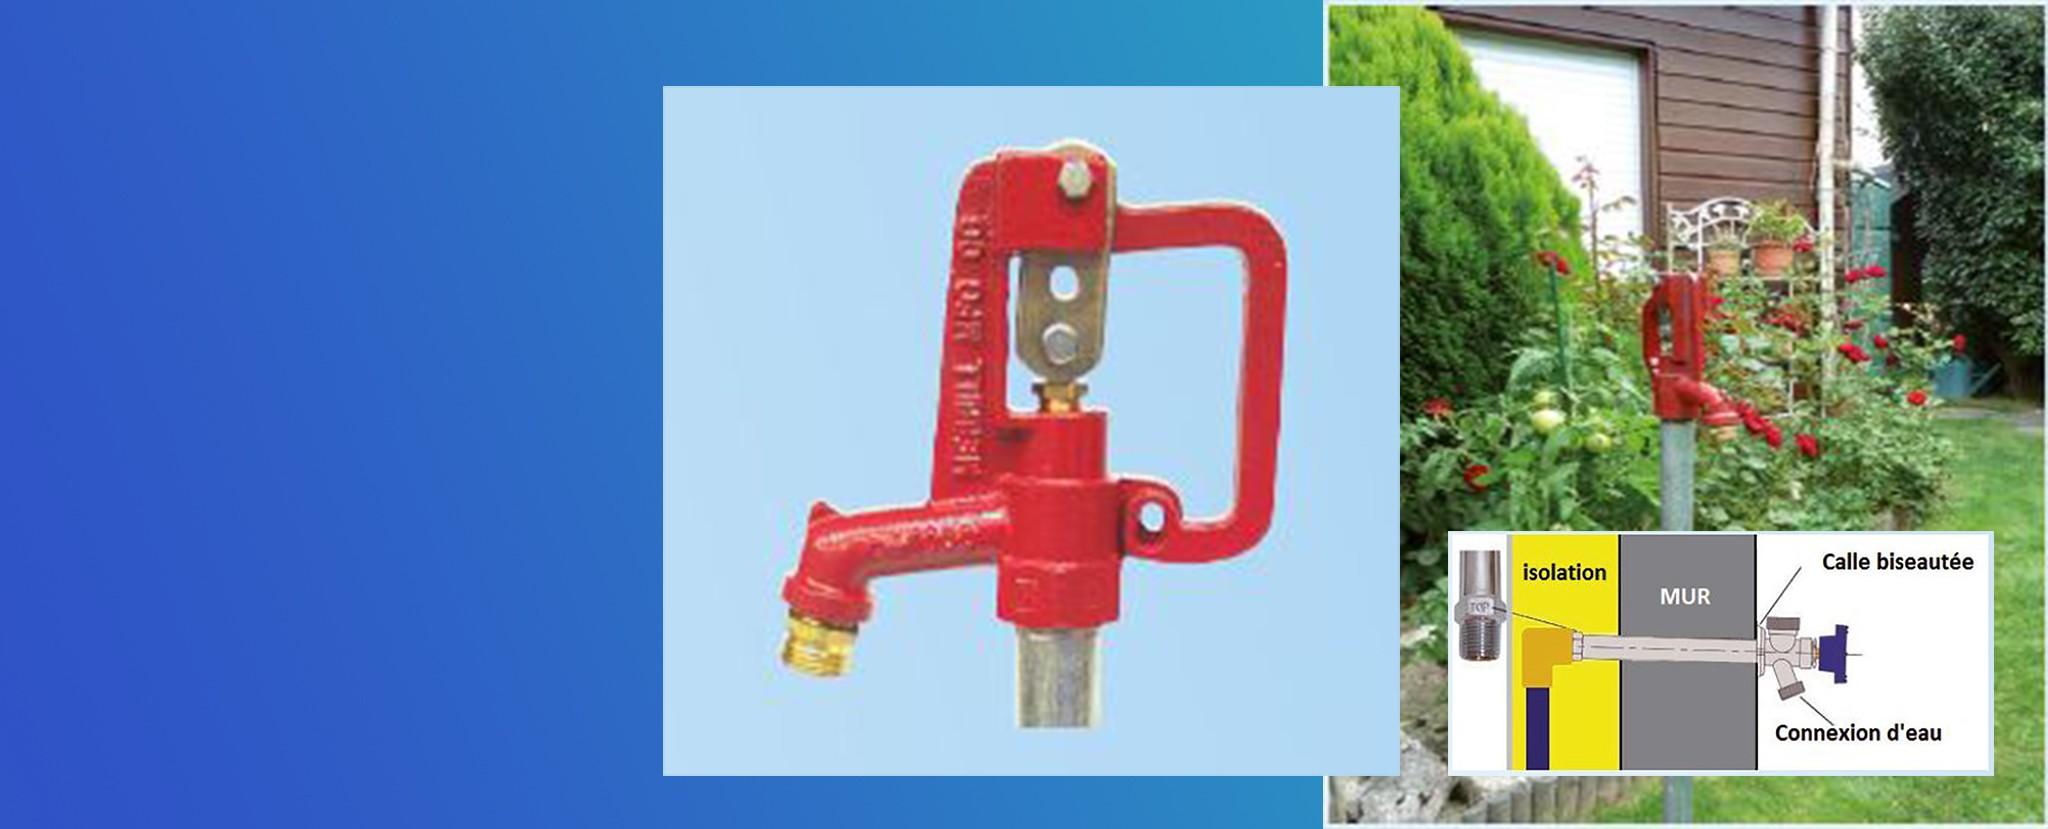 JL Distribution LTD est le distributeur exclusif des produits Merrill MFG en Europe depuis 2007.Les robinets merrill offrent des solutions uniques pour chacun de vos projets.